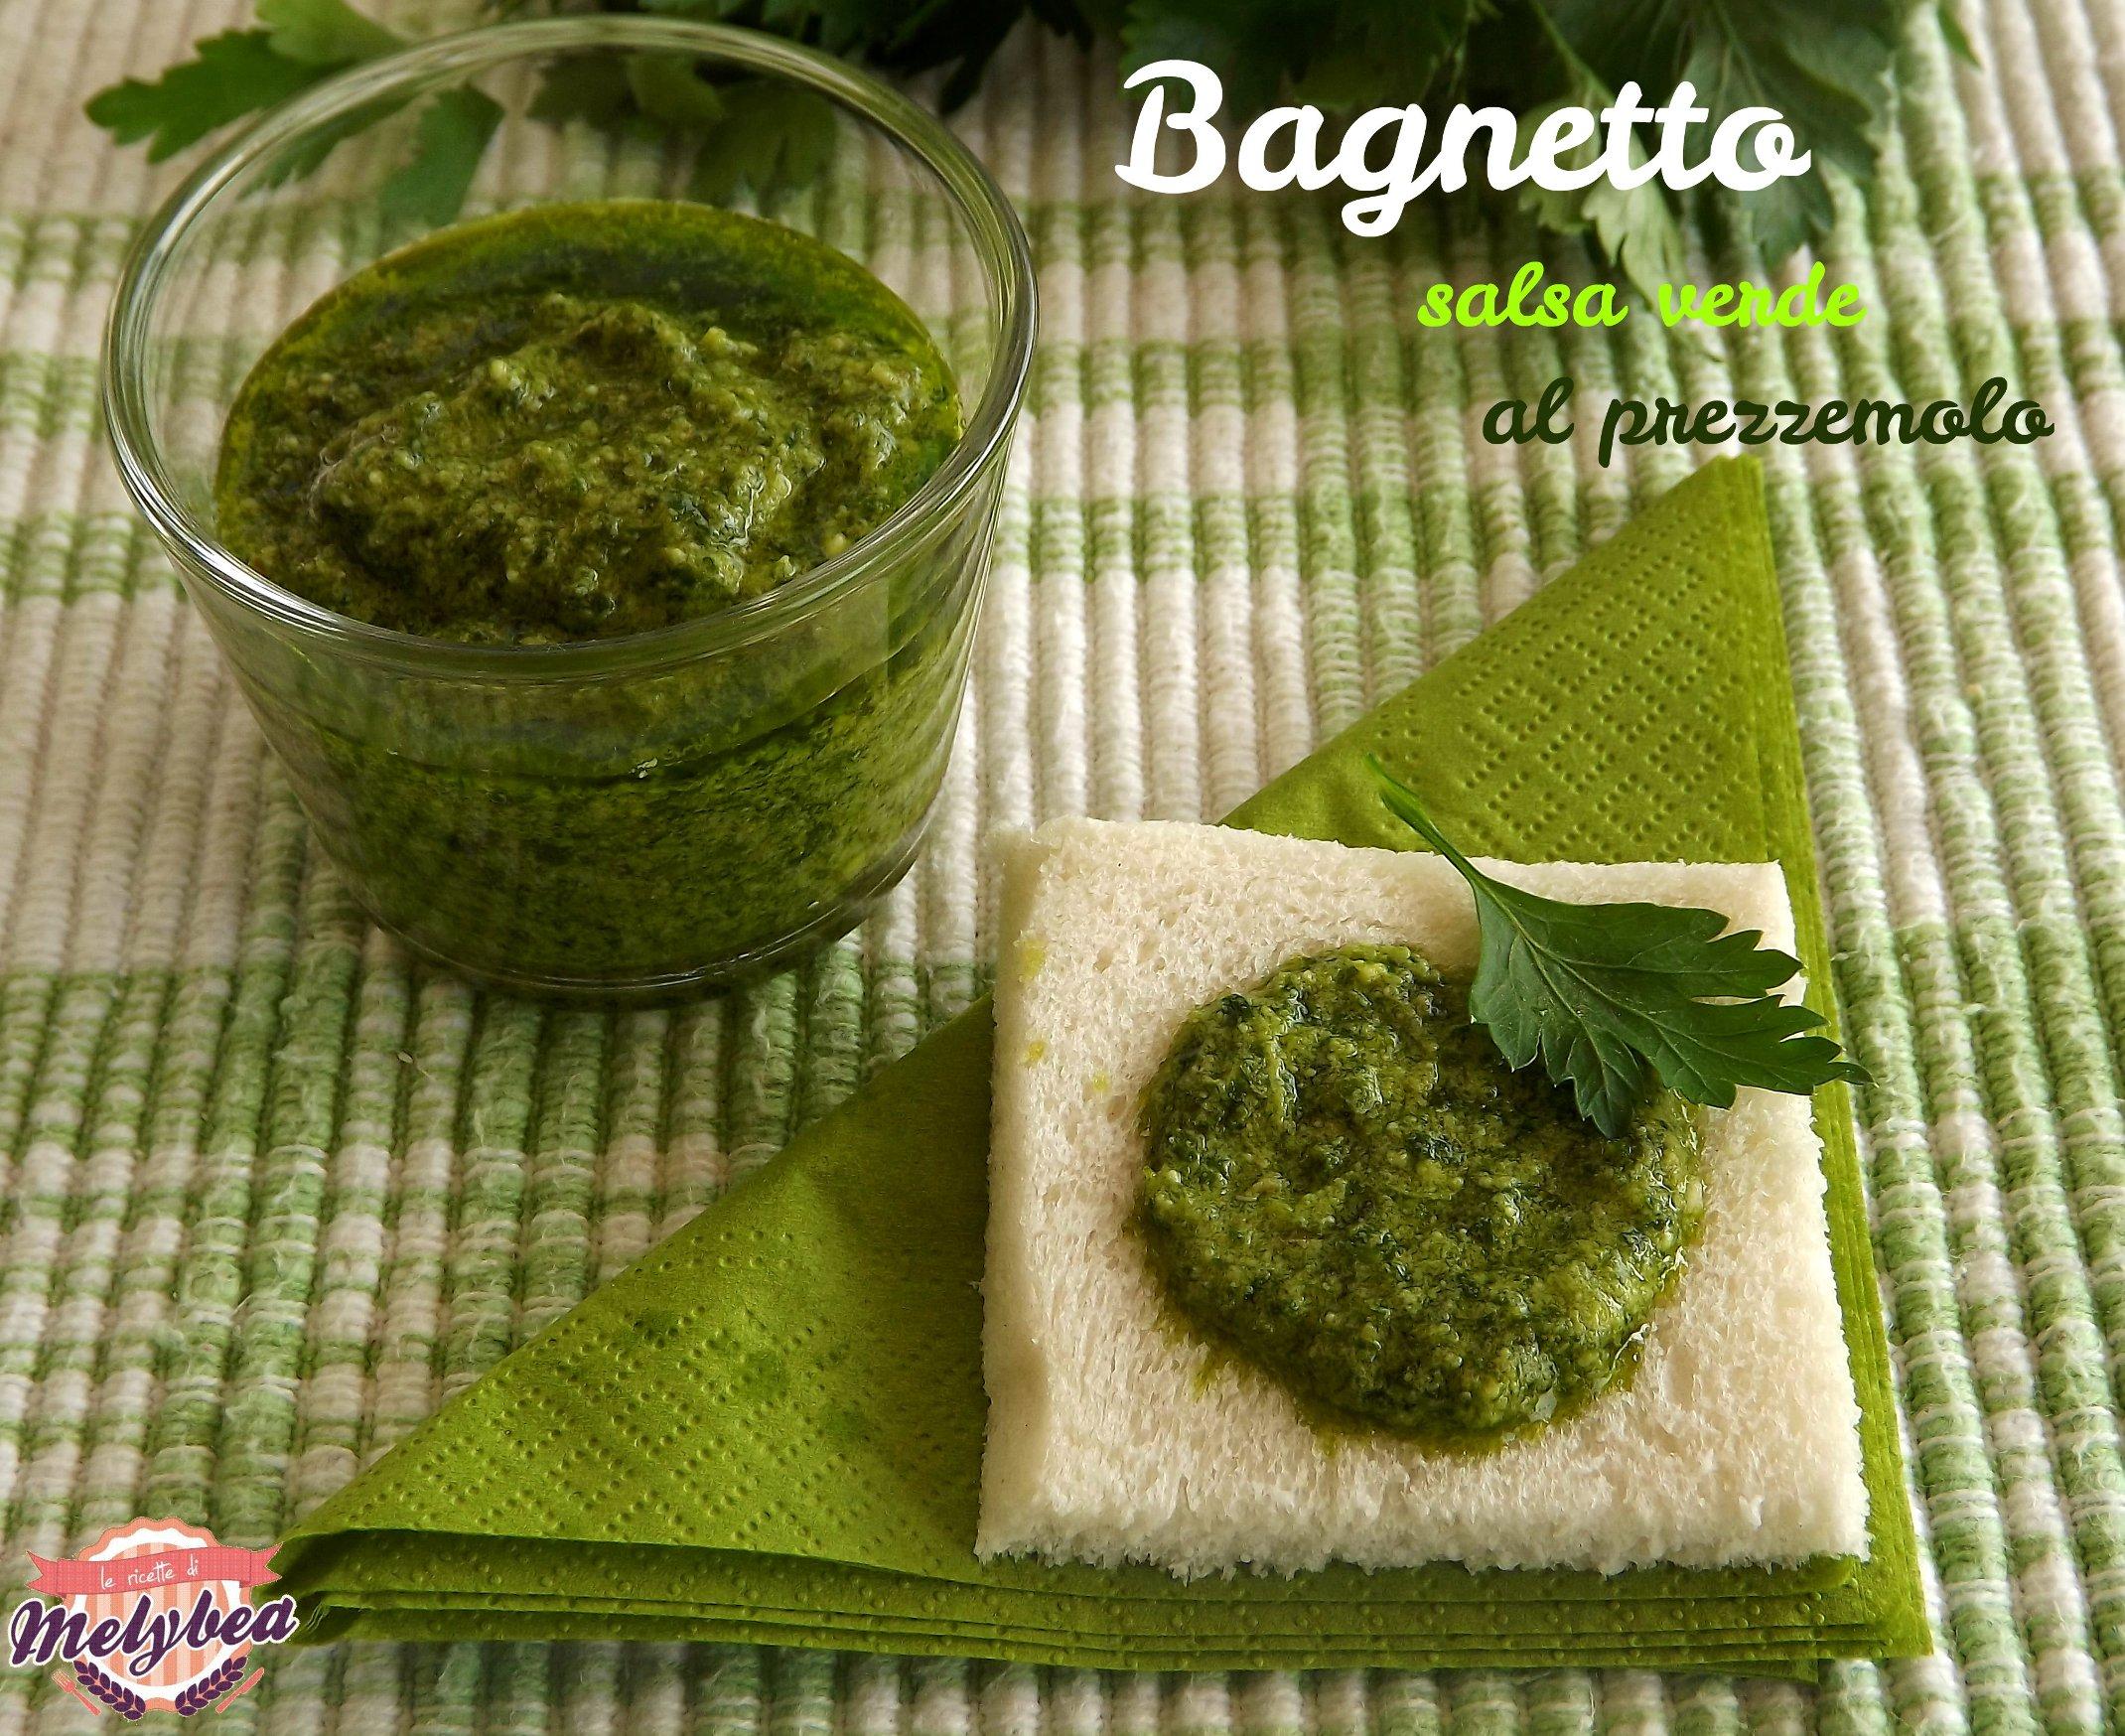 salsa verde al prezzemolo - bagnetto